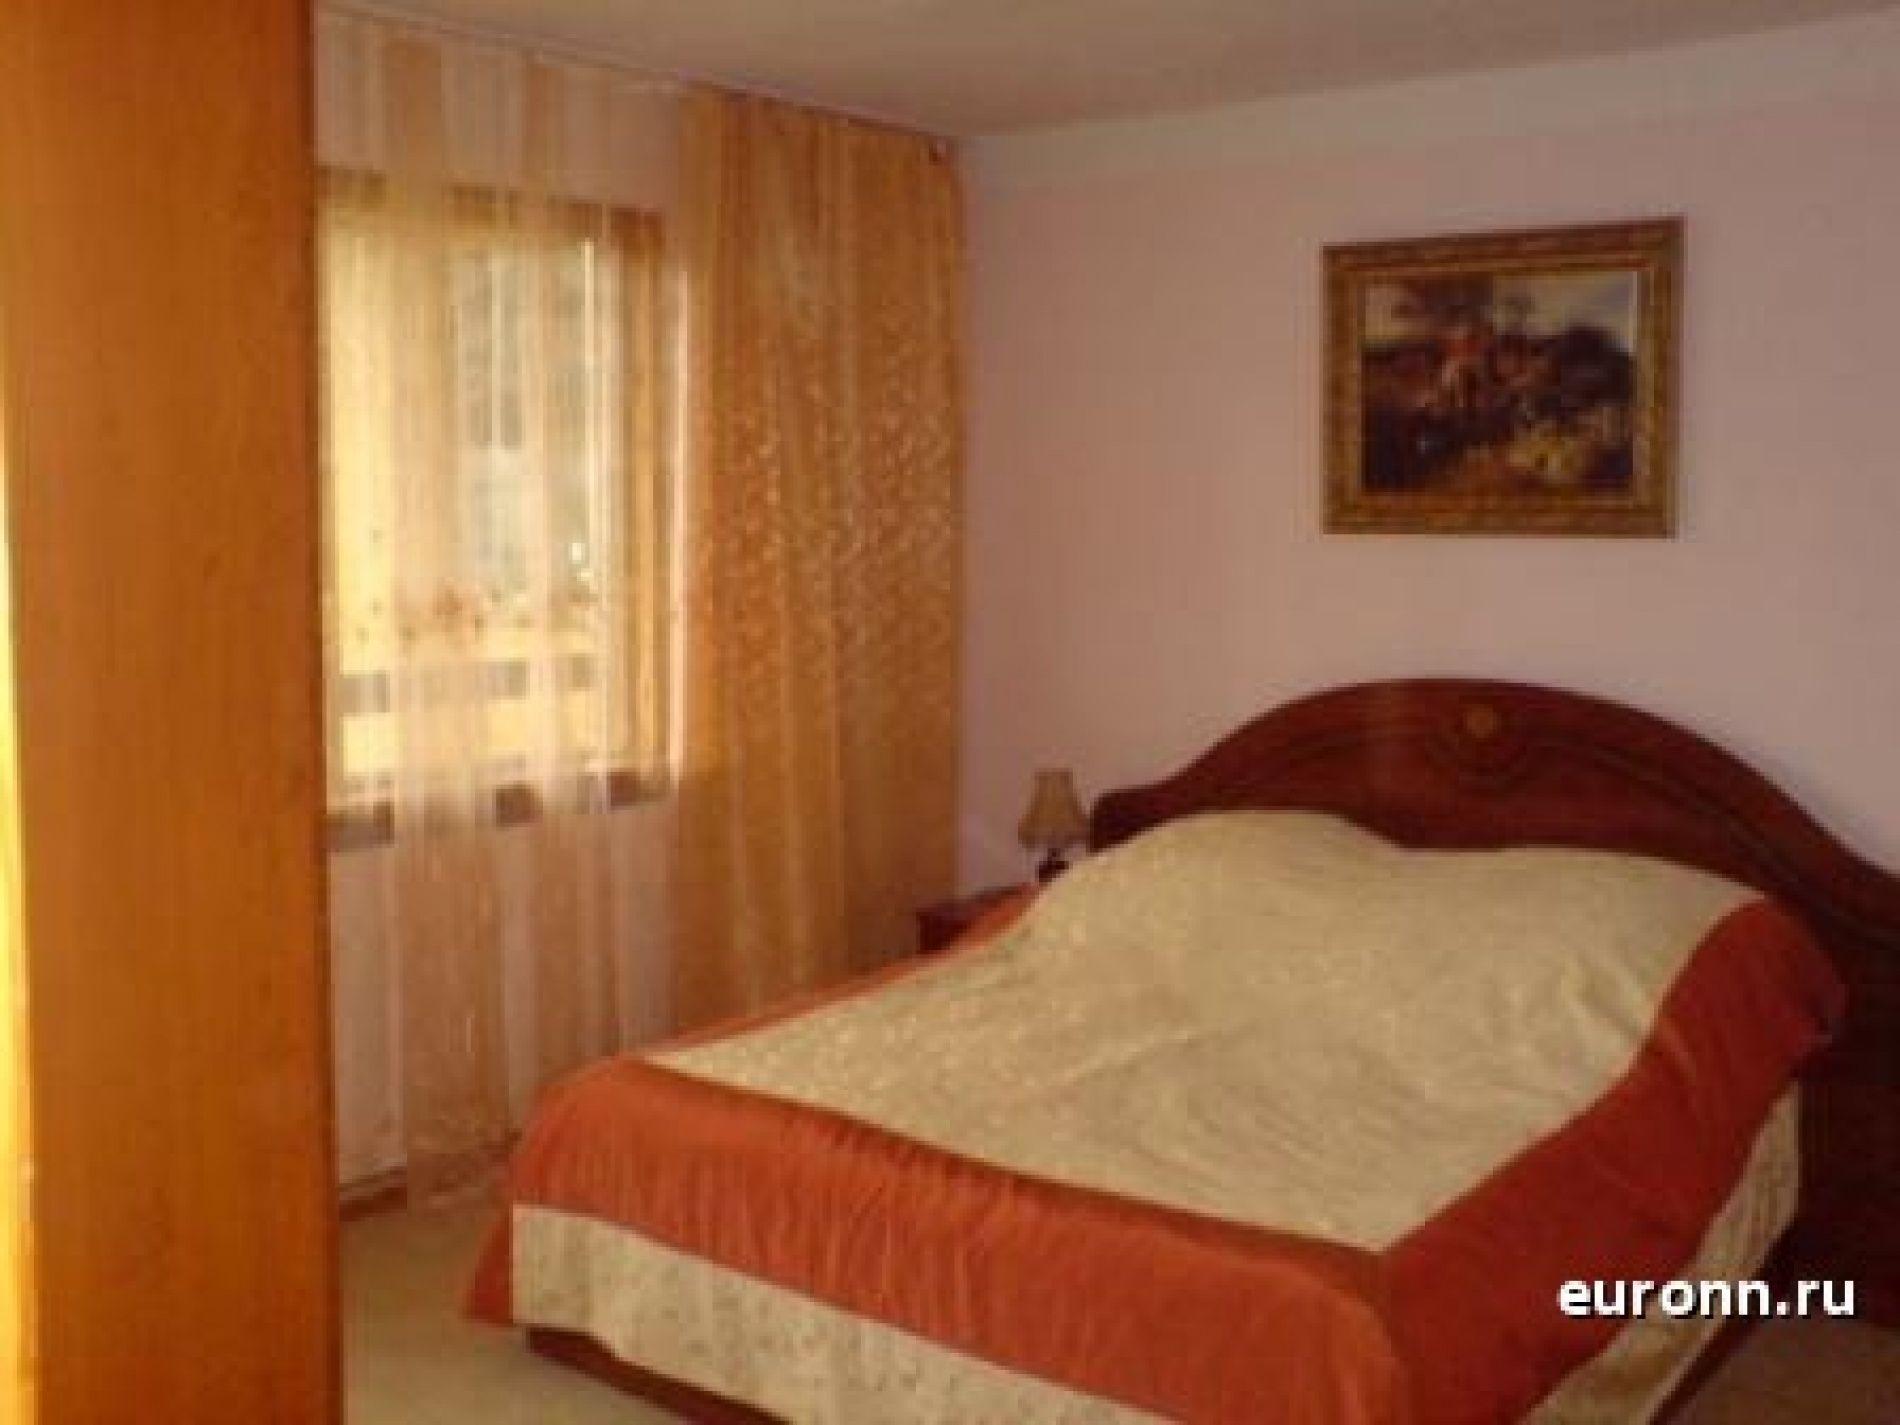 """База отдыха """"Альбатрос"""" Нижегородская область 2-комнатный улучшенный номер , фото 2"""